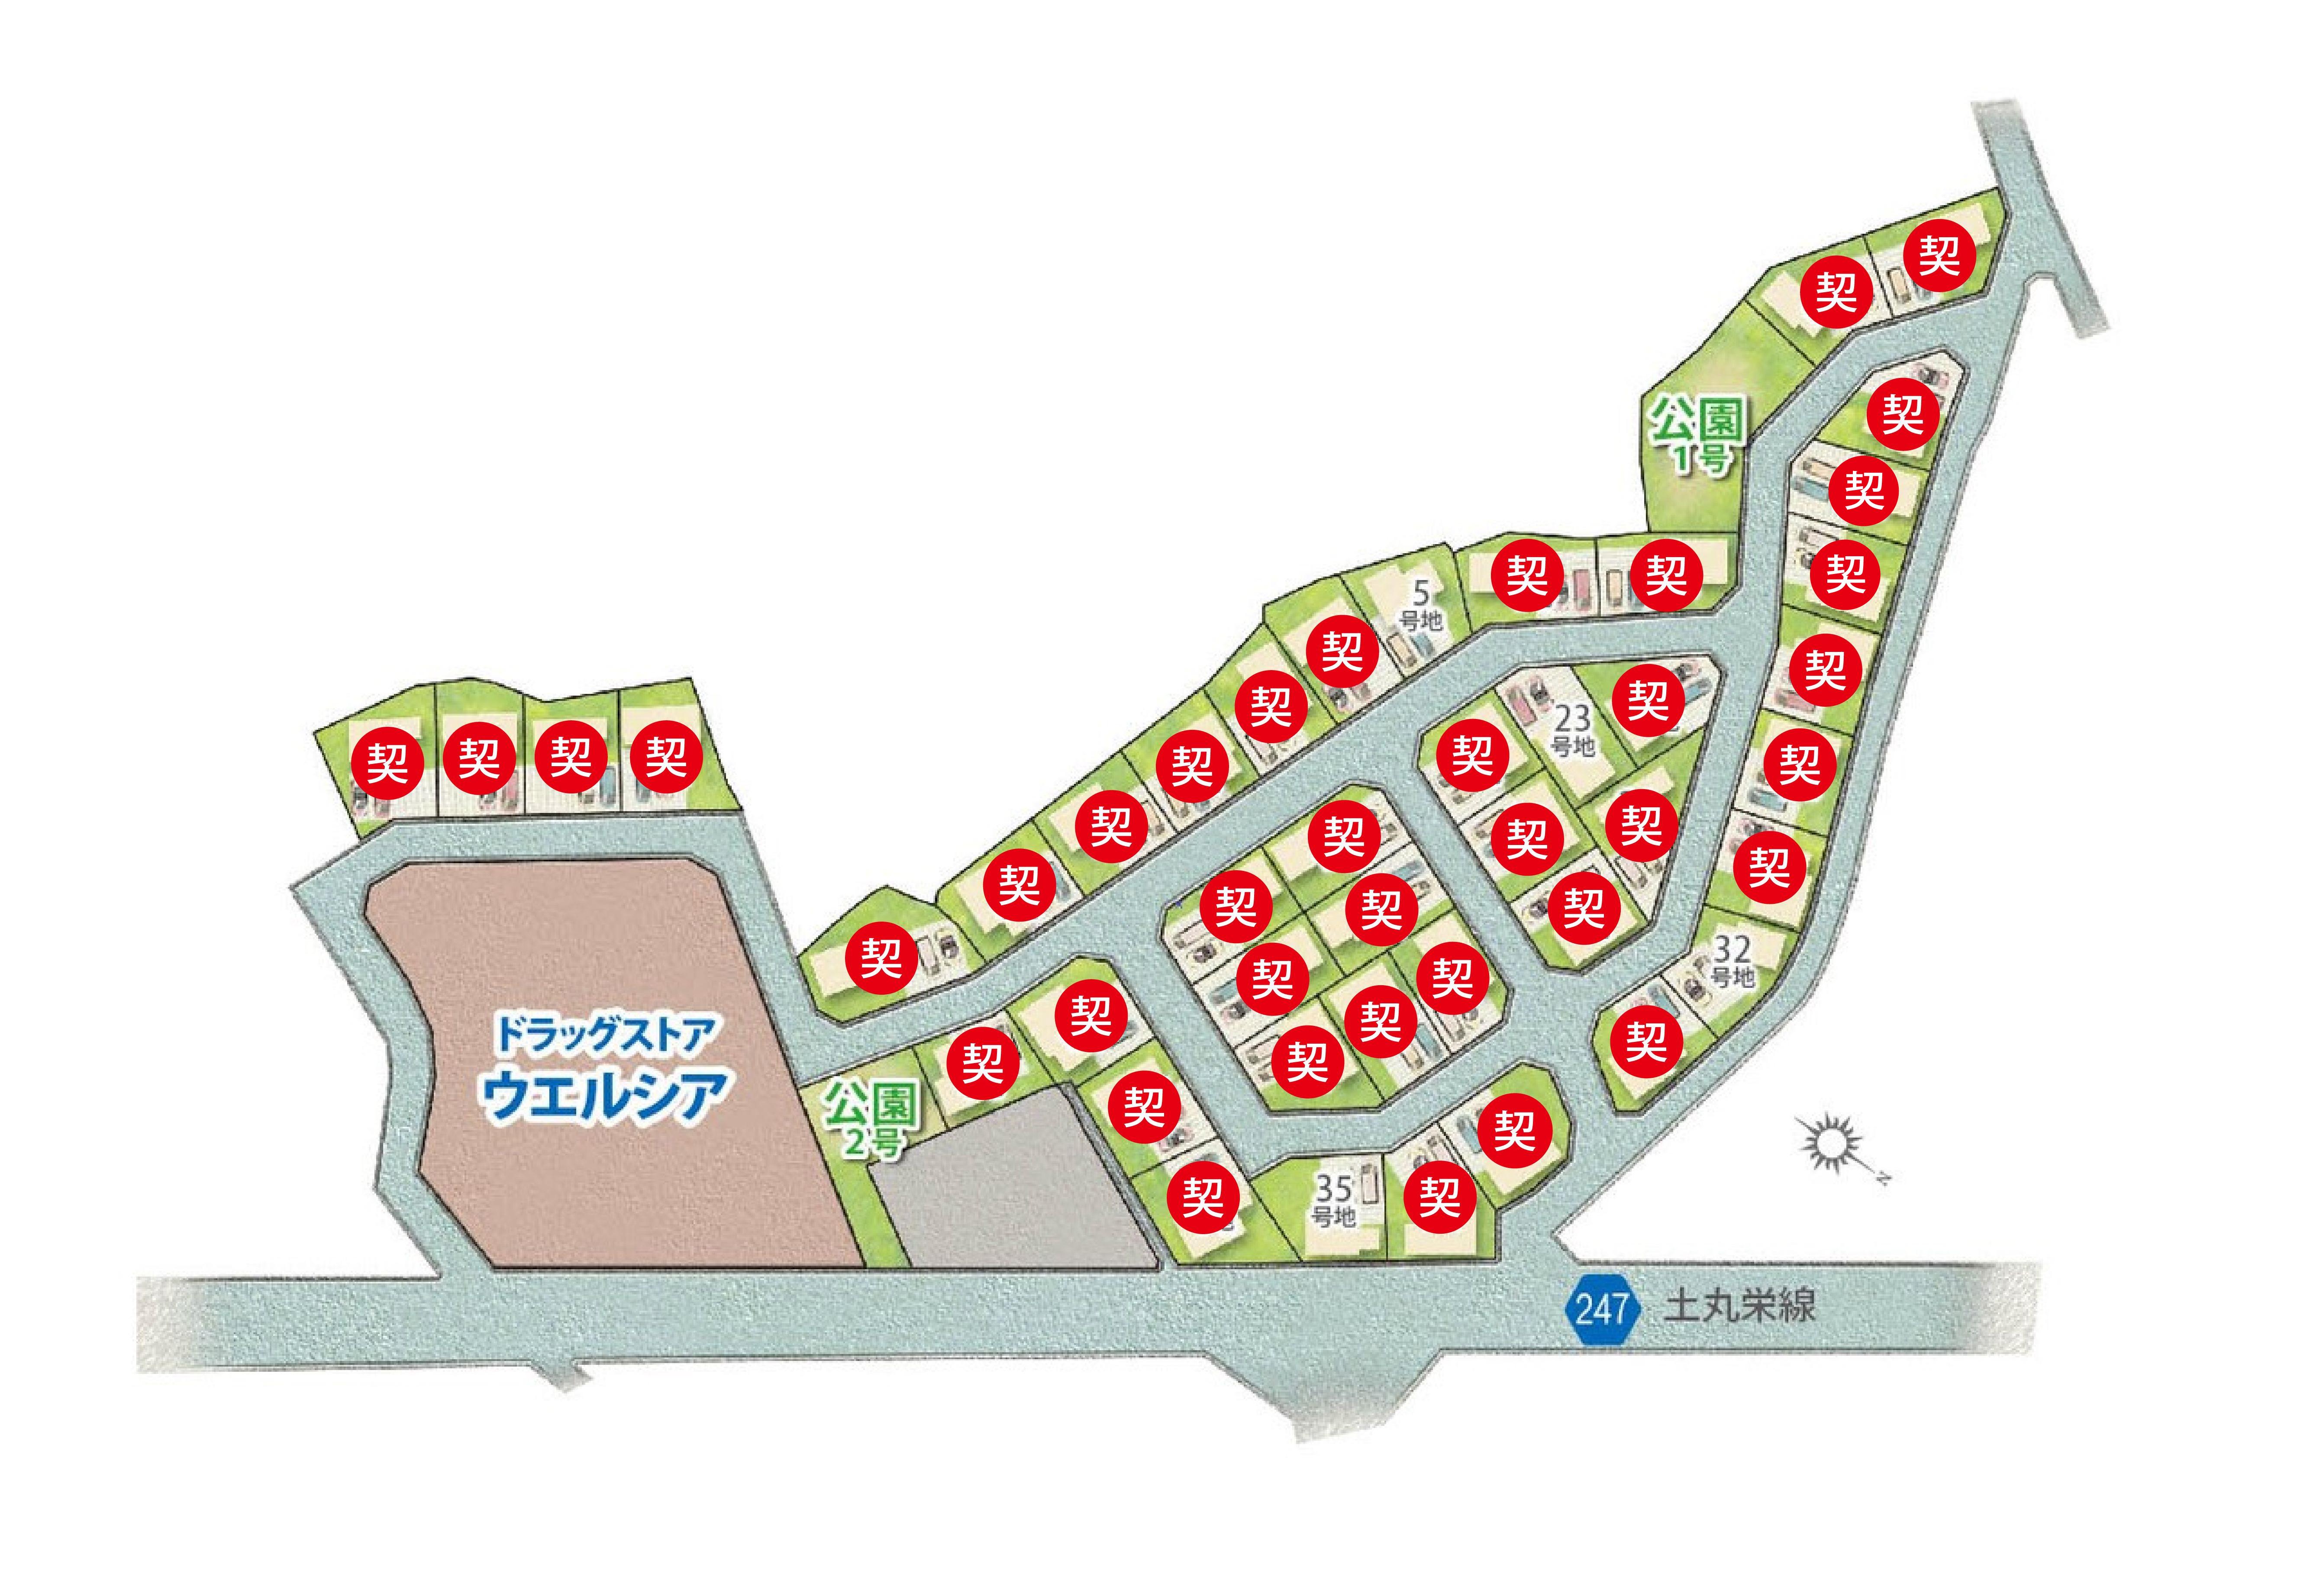 プレミアムガーデン羽倉崎区画図